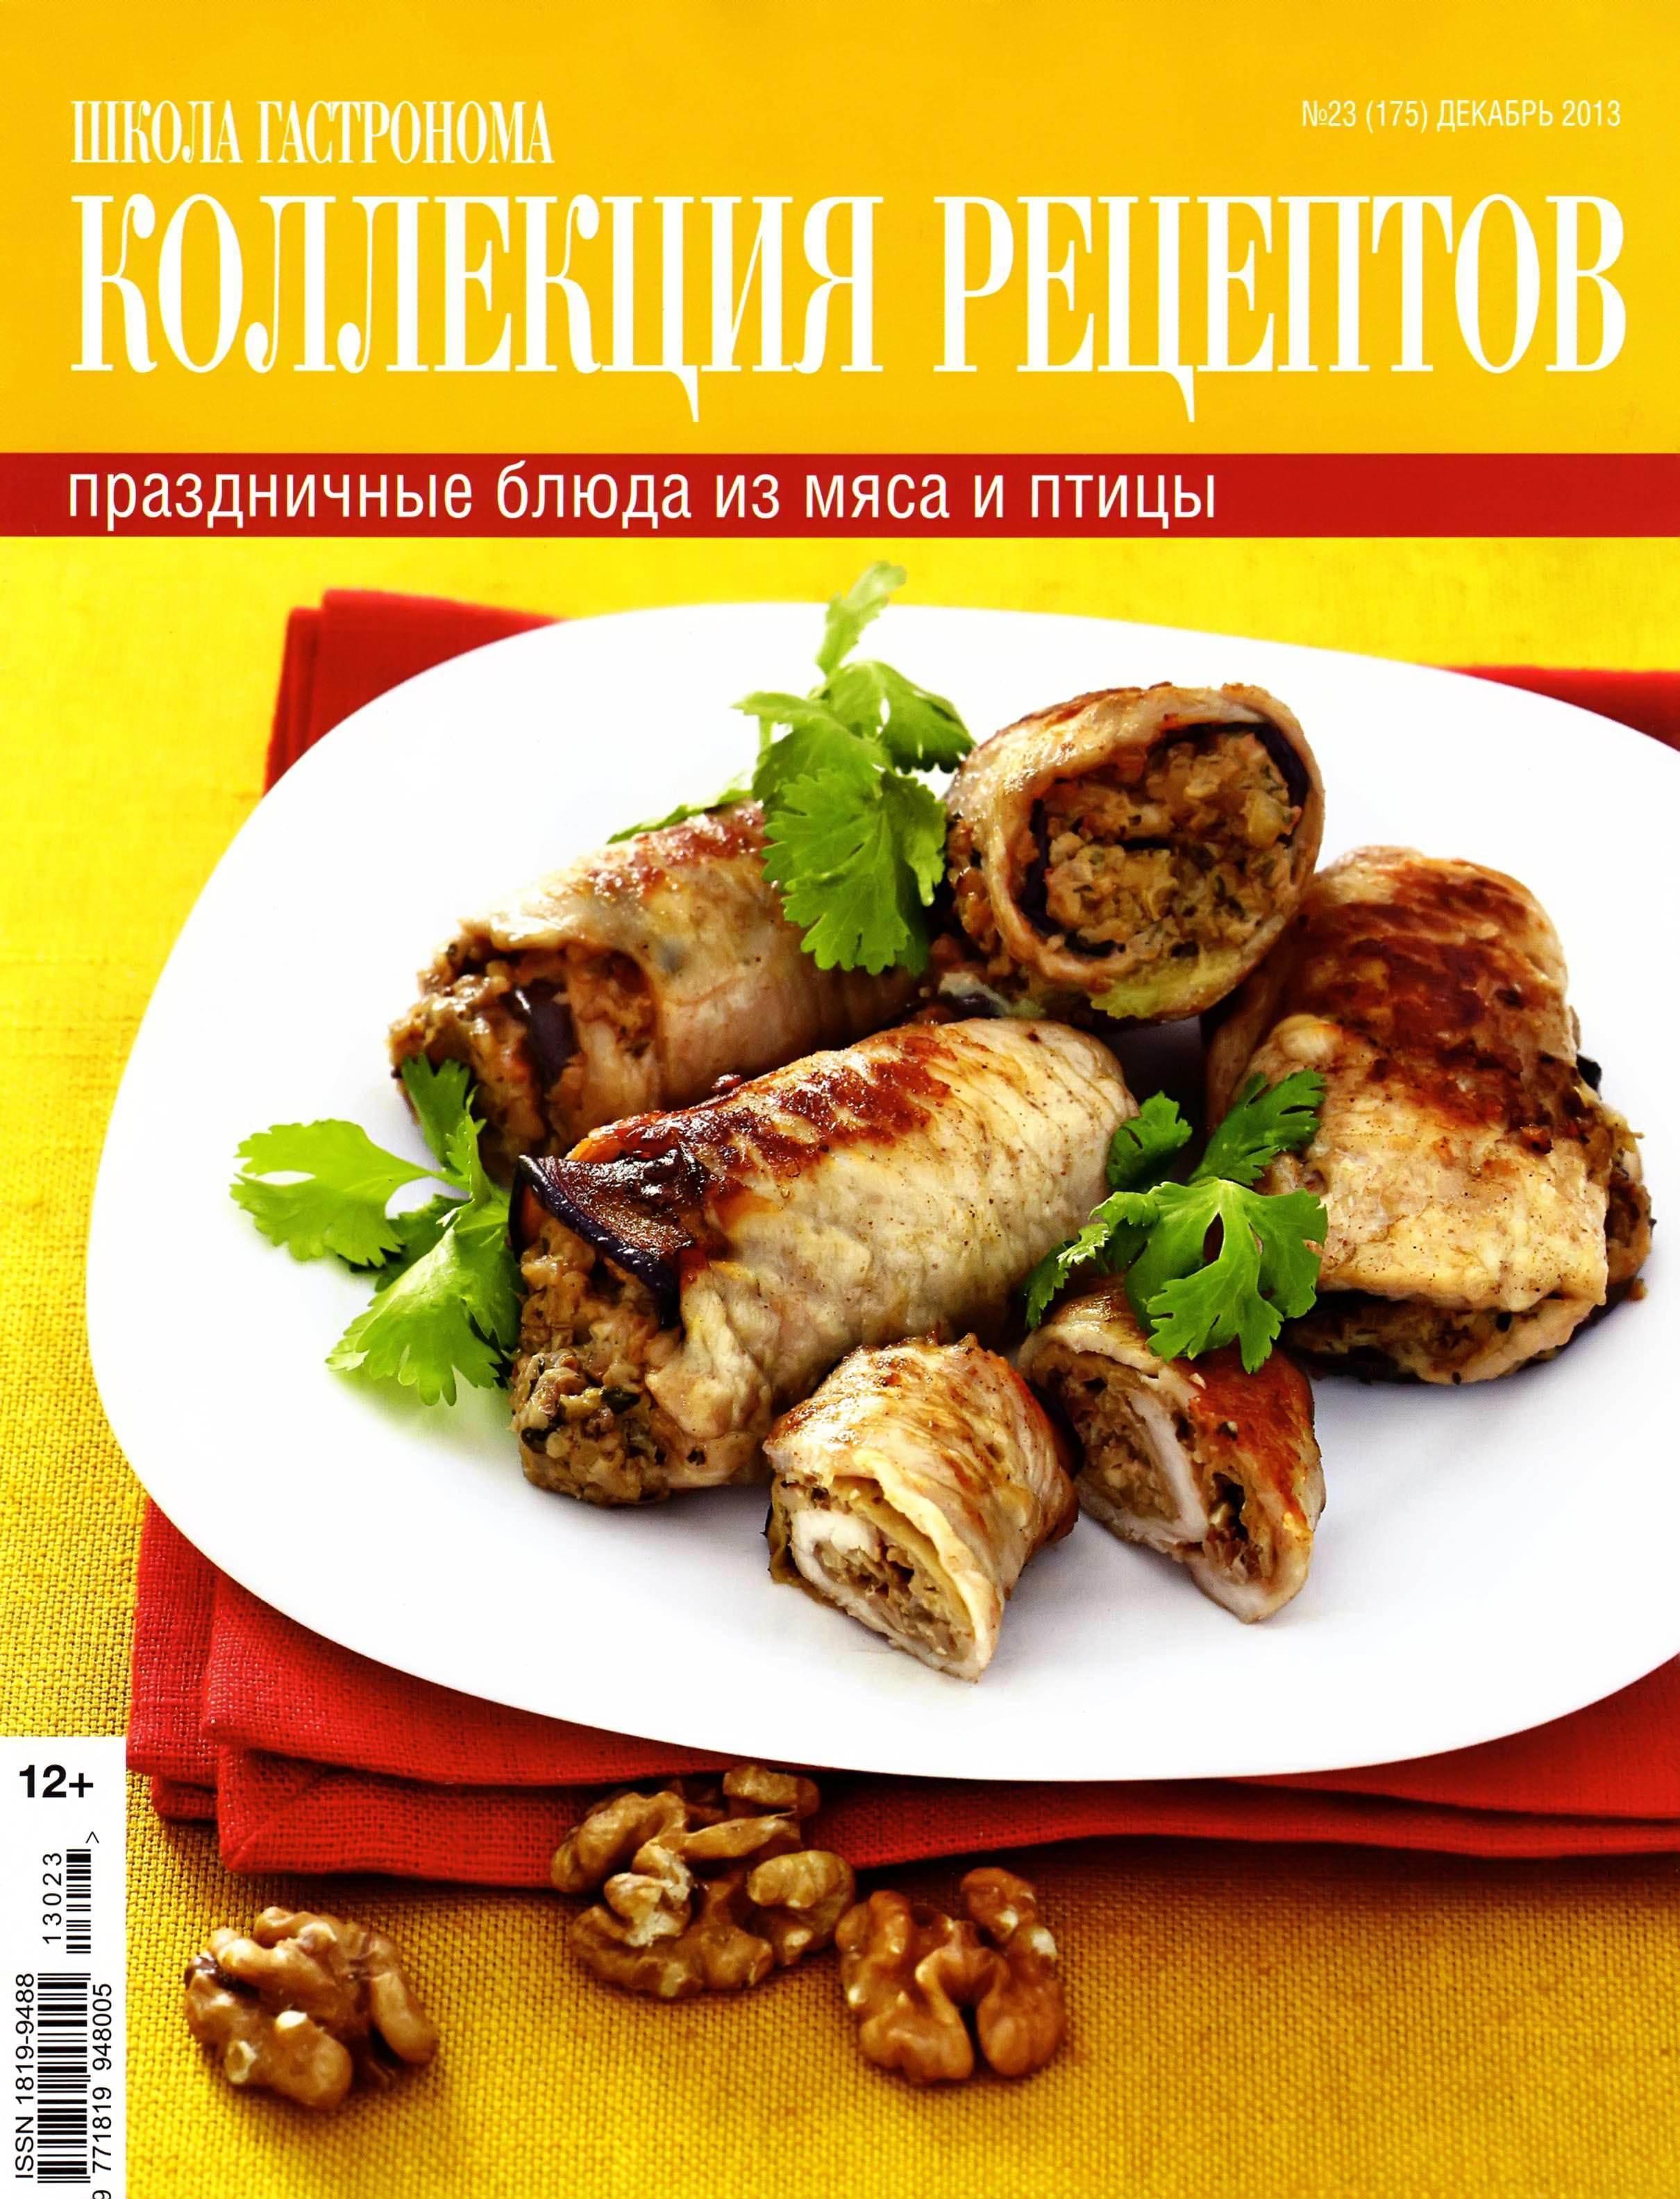 SHkola gastronoma. Kollektsiya retseptov    23 2013 goda Школа гастронома. Коллекция рецептов №22 2013 года